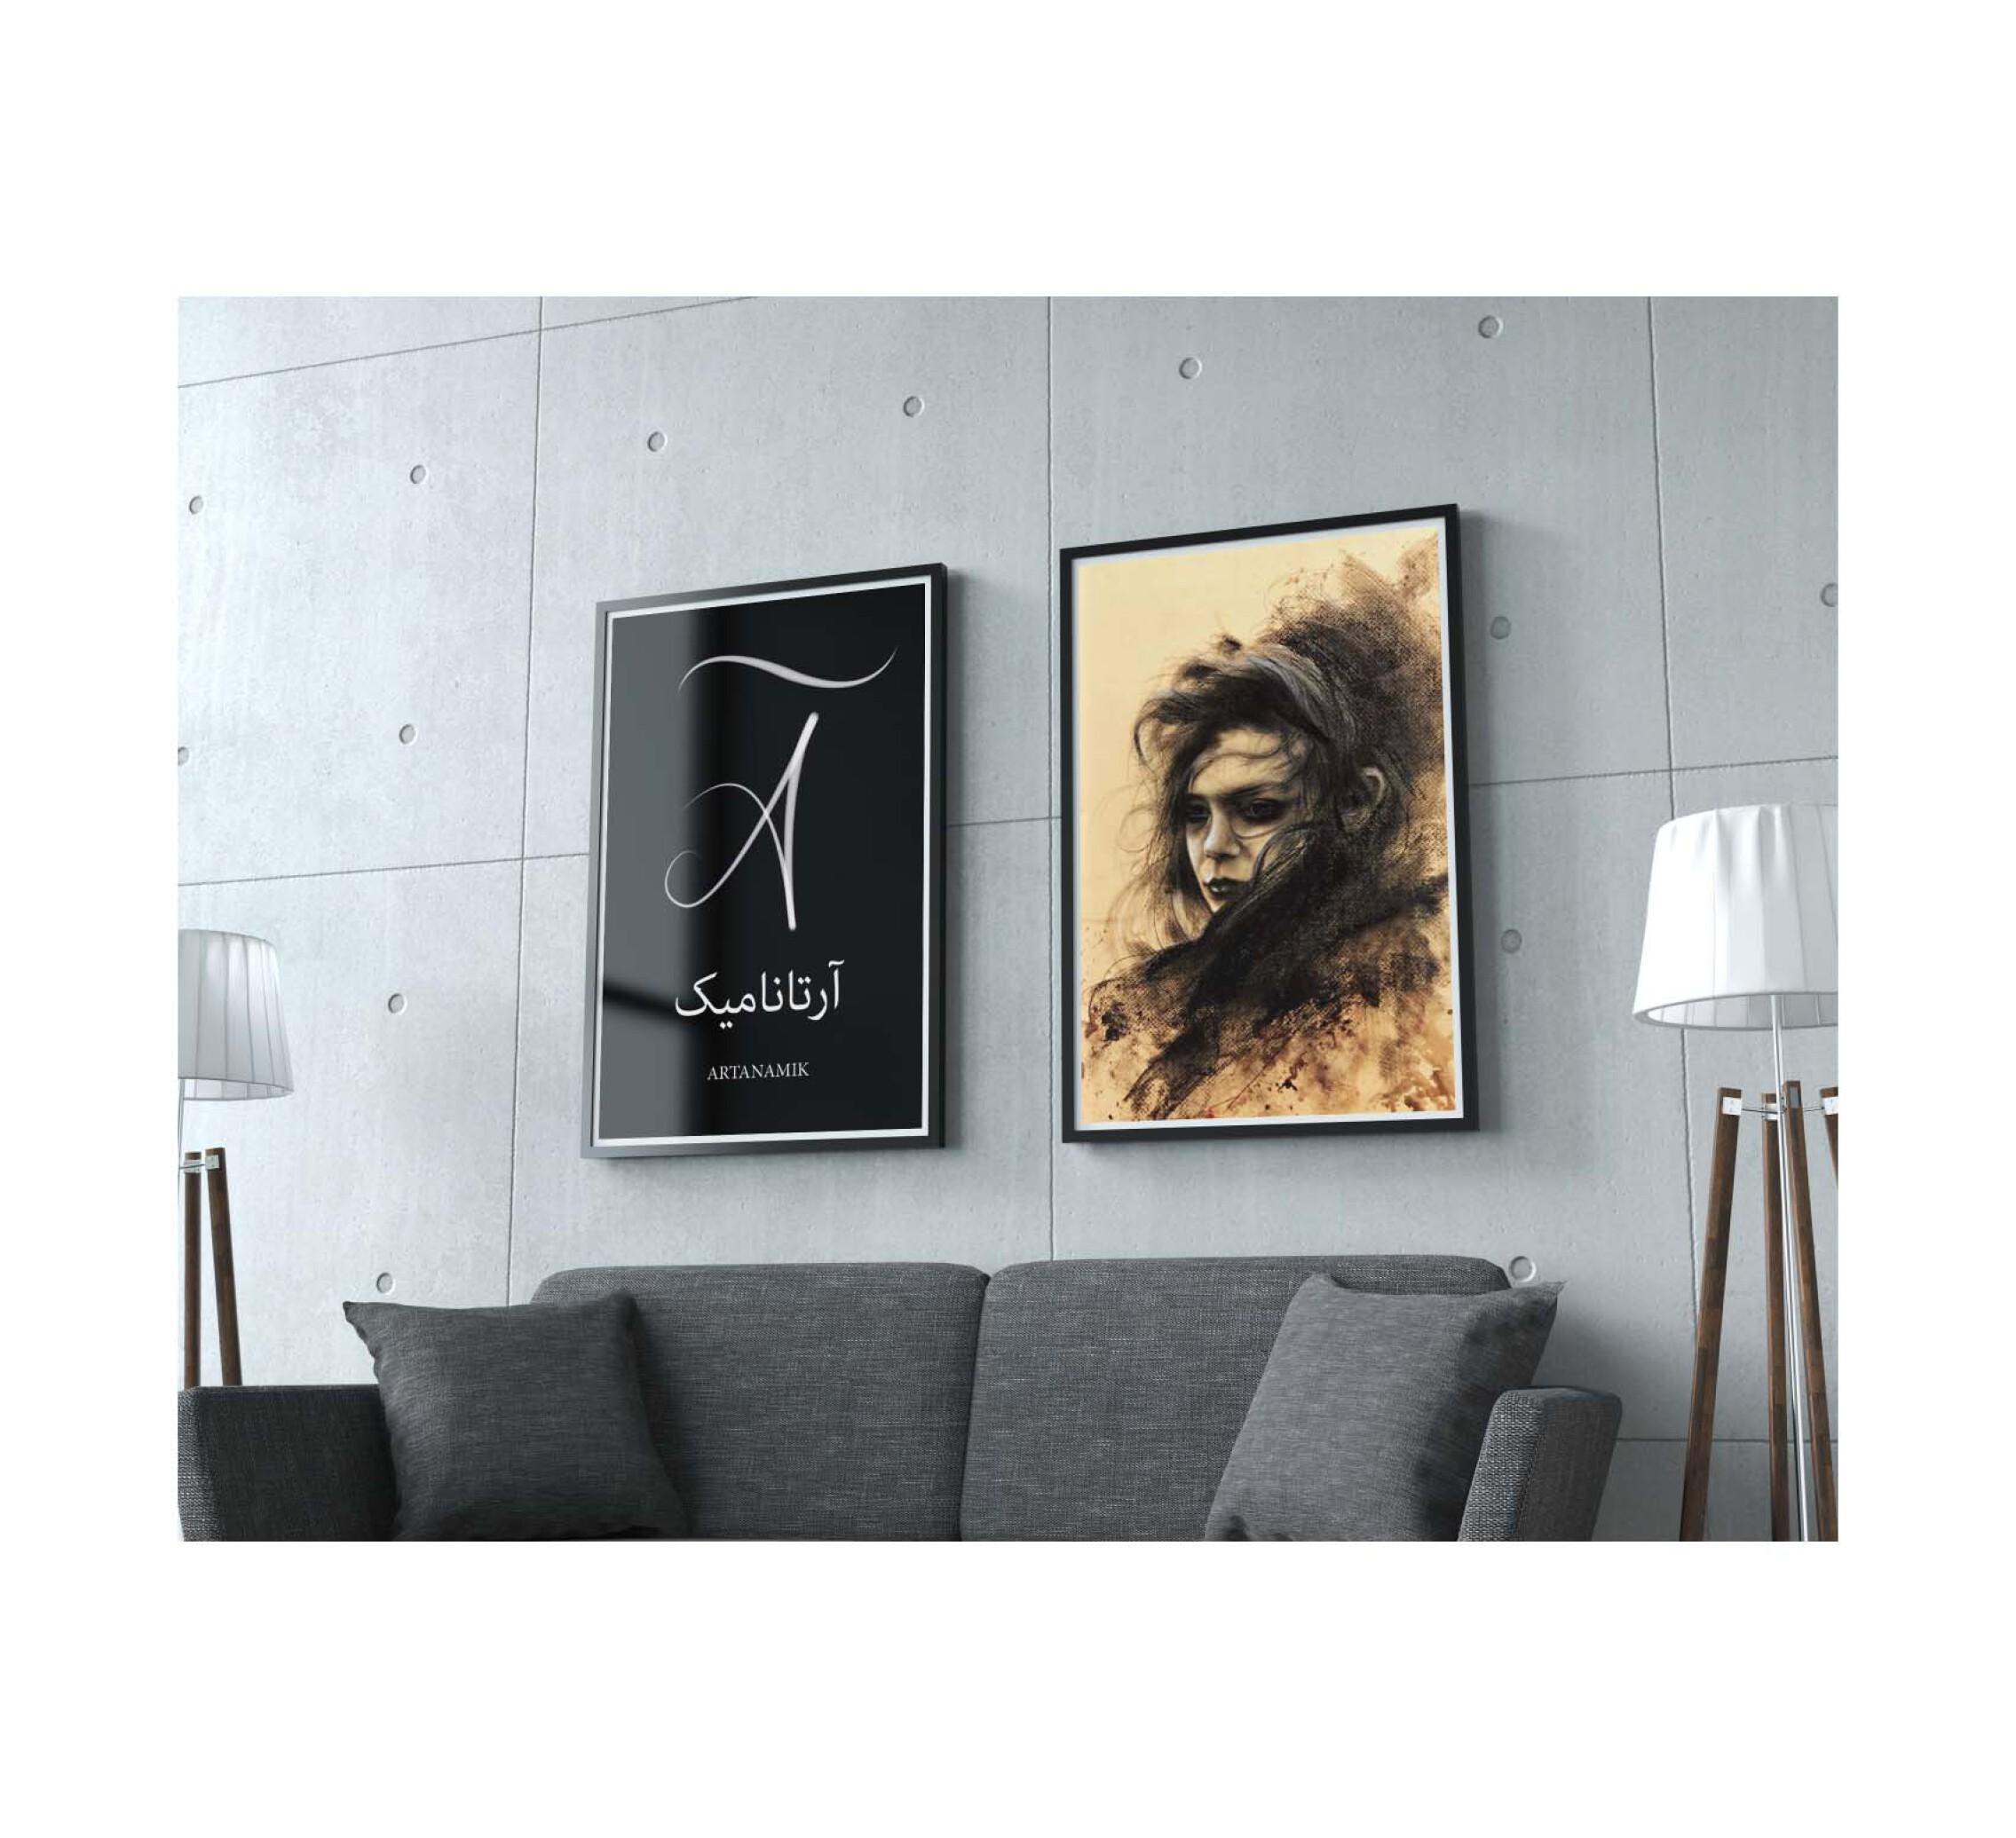 تابلو نقاشی تکنیک سیاه قلم، تابلو نقاشی کادویی، تابلو نقاشی دکوری